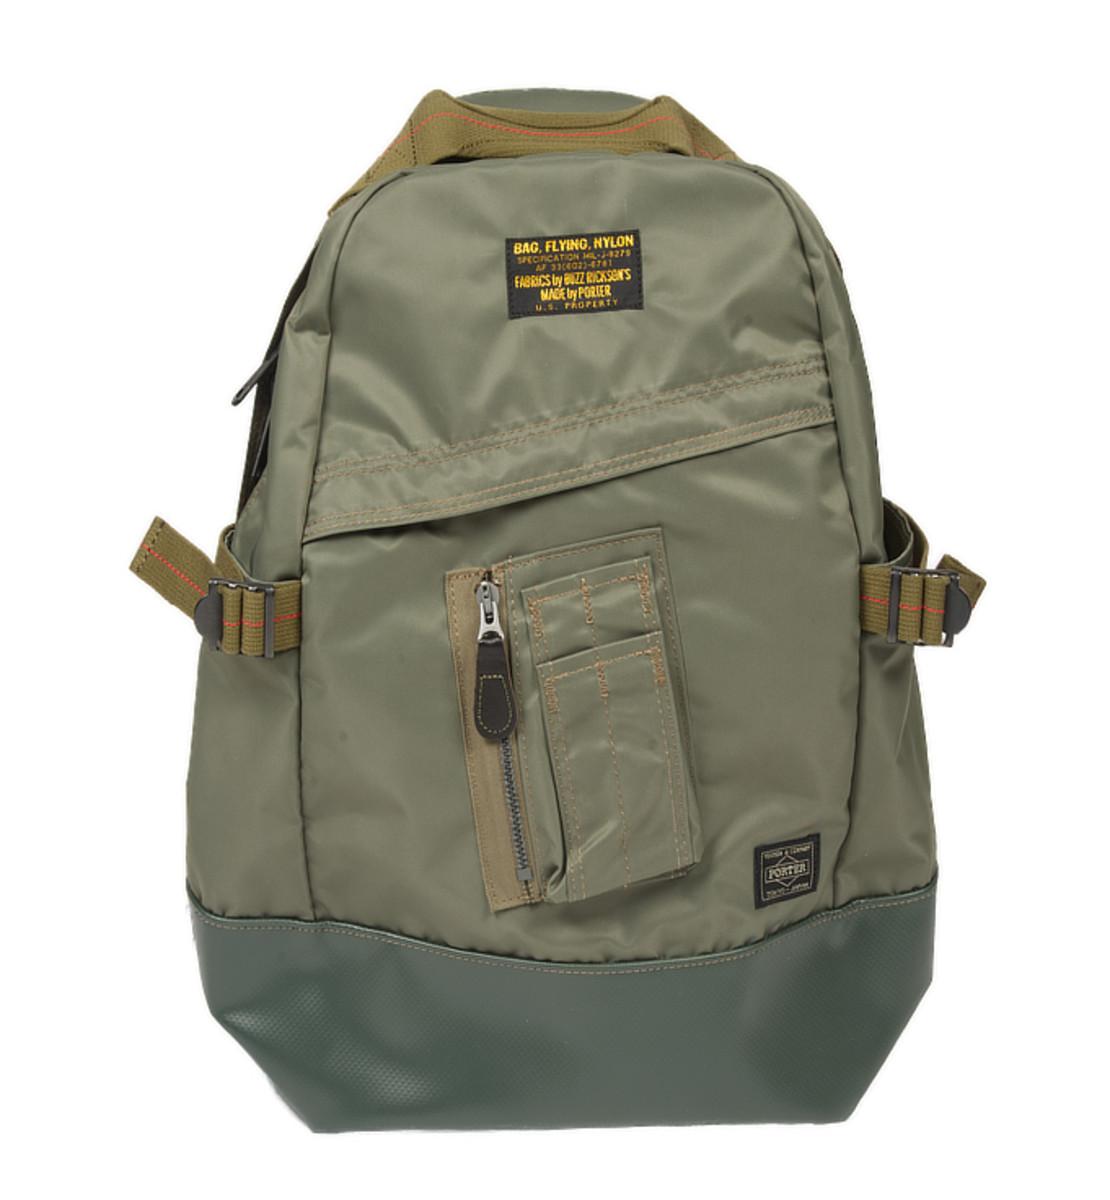 br_porter_backpack_olive_01-681x1025